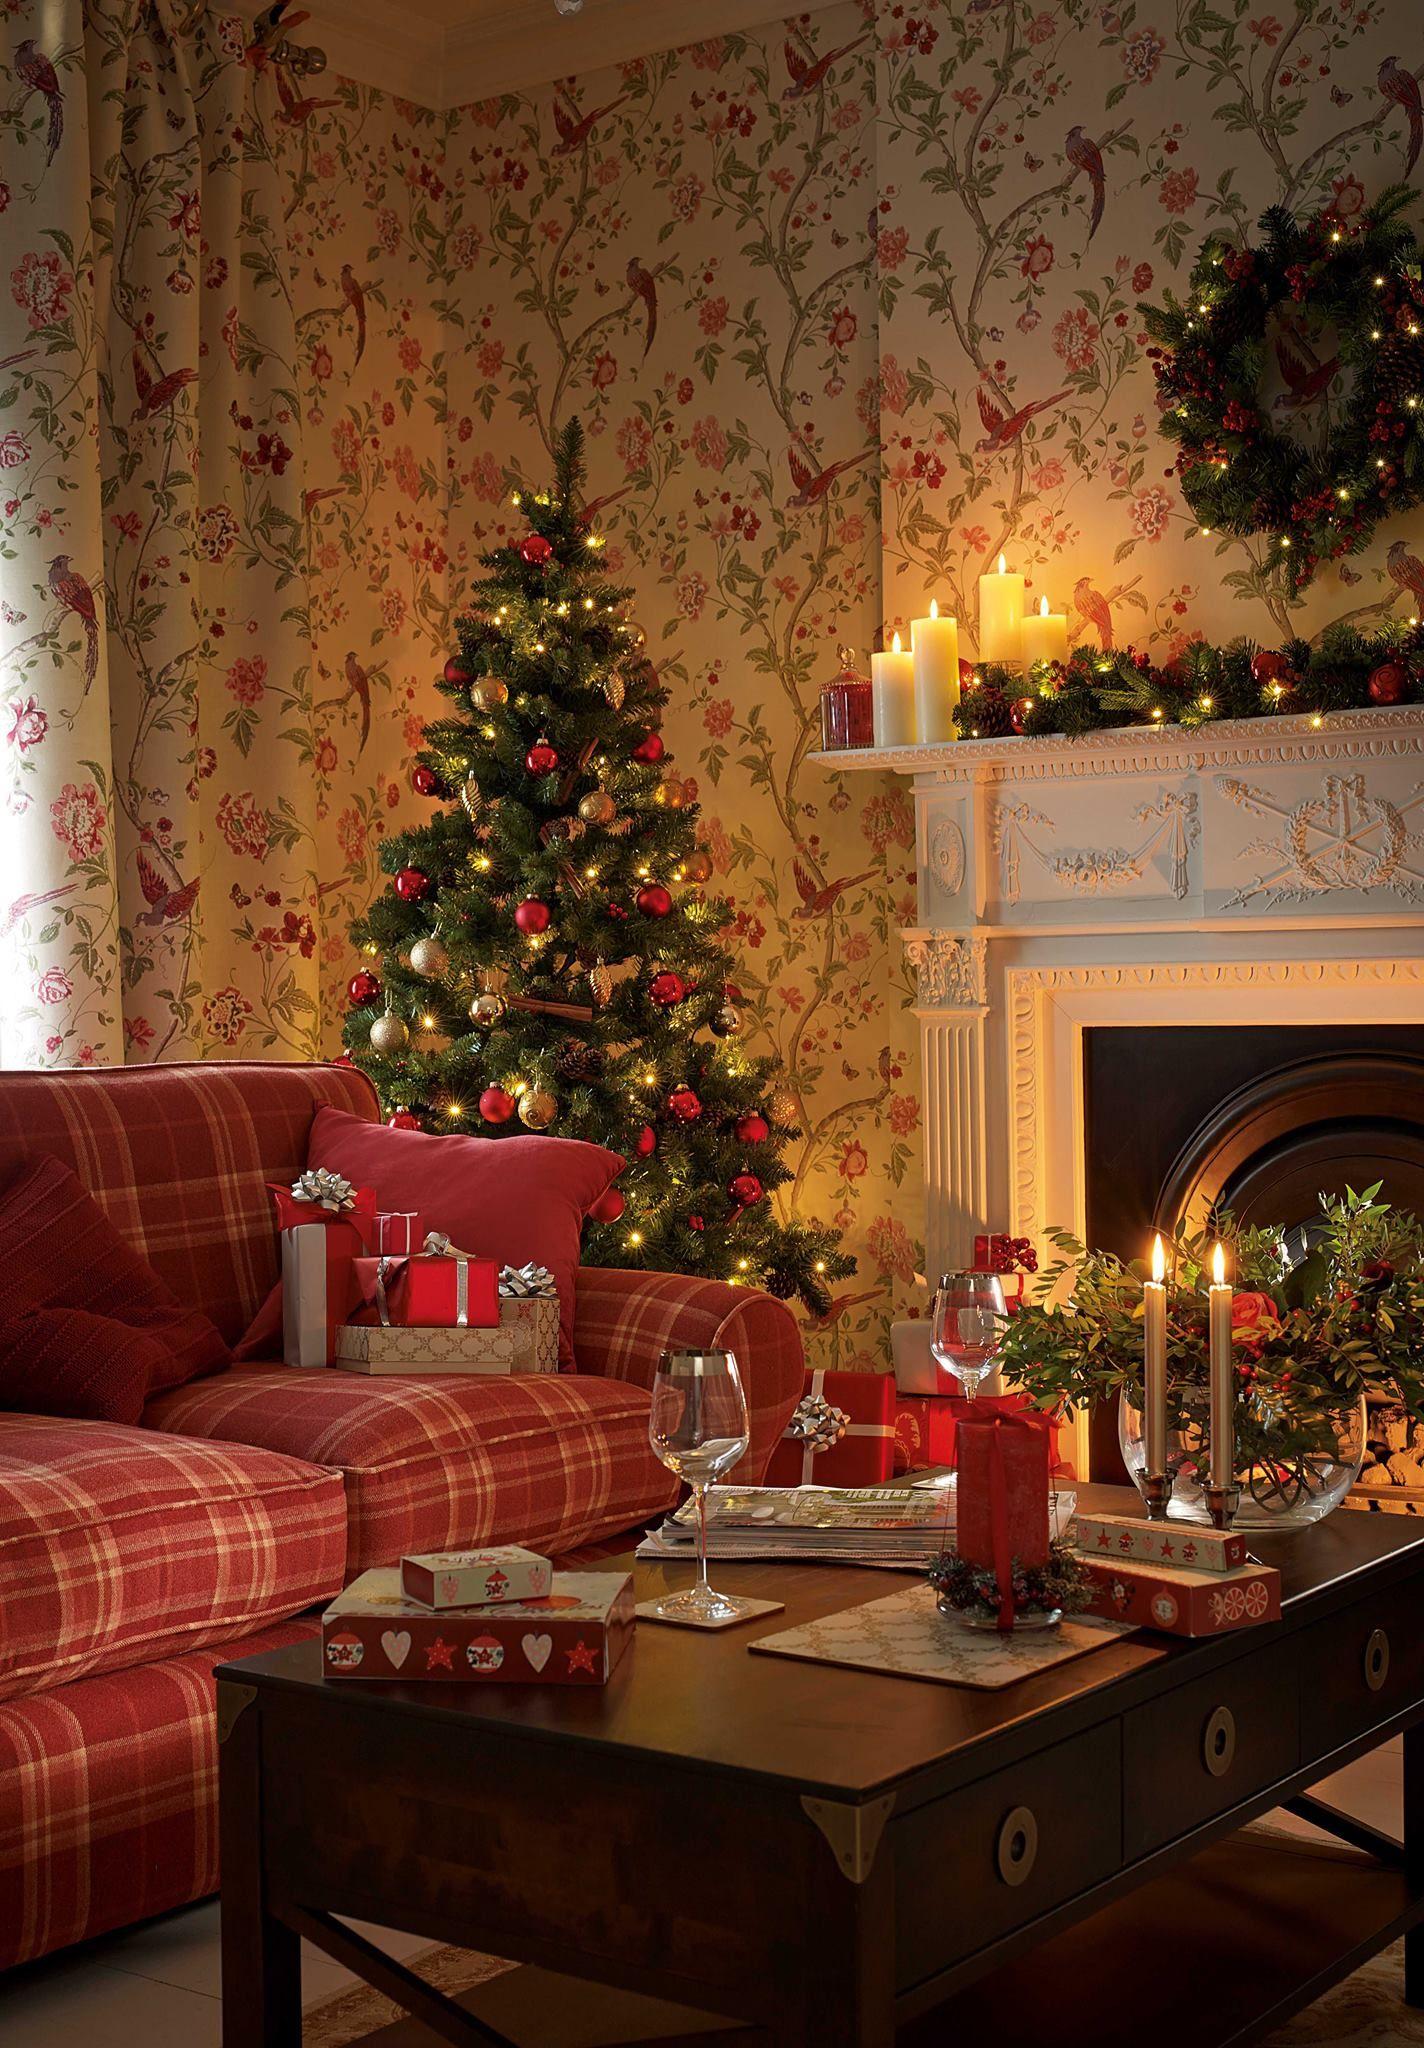 Christmas D 233 Cor Season Holiday Setting Fireplace Christmas